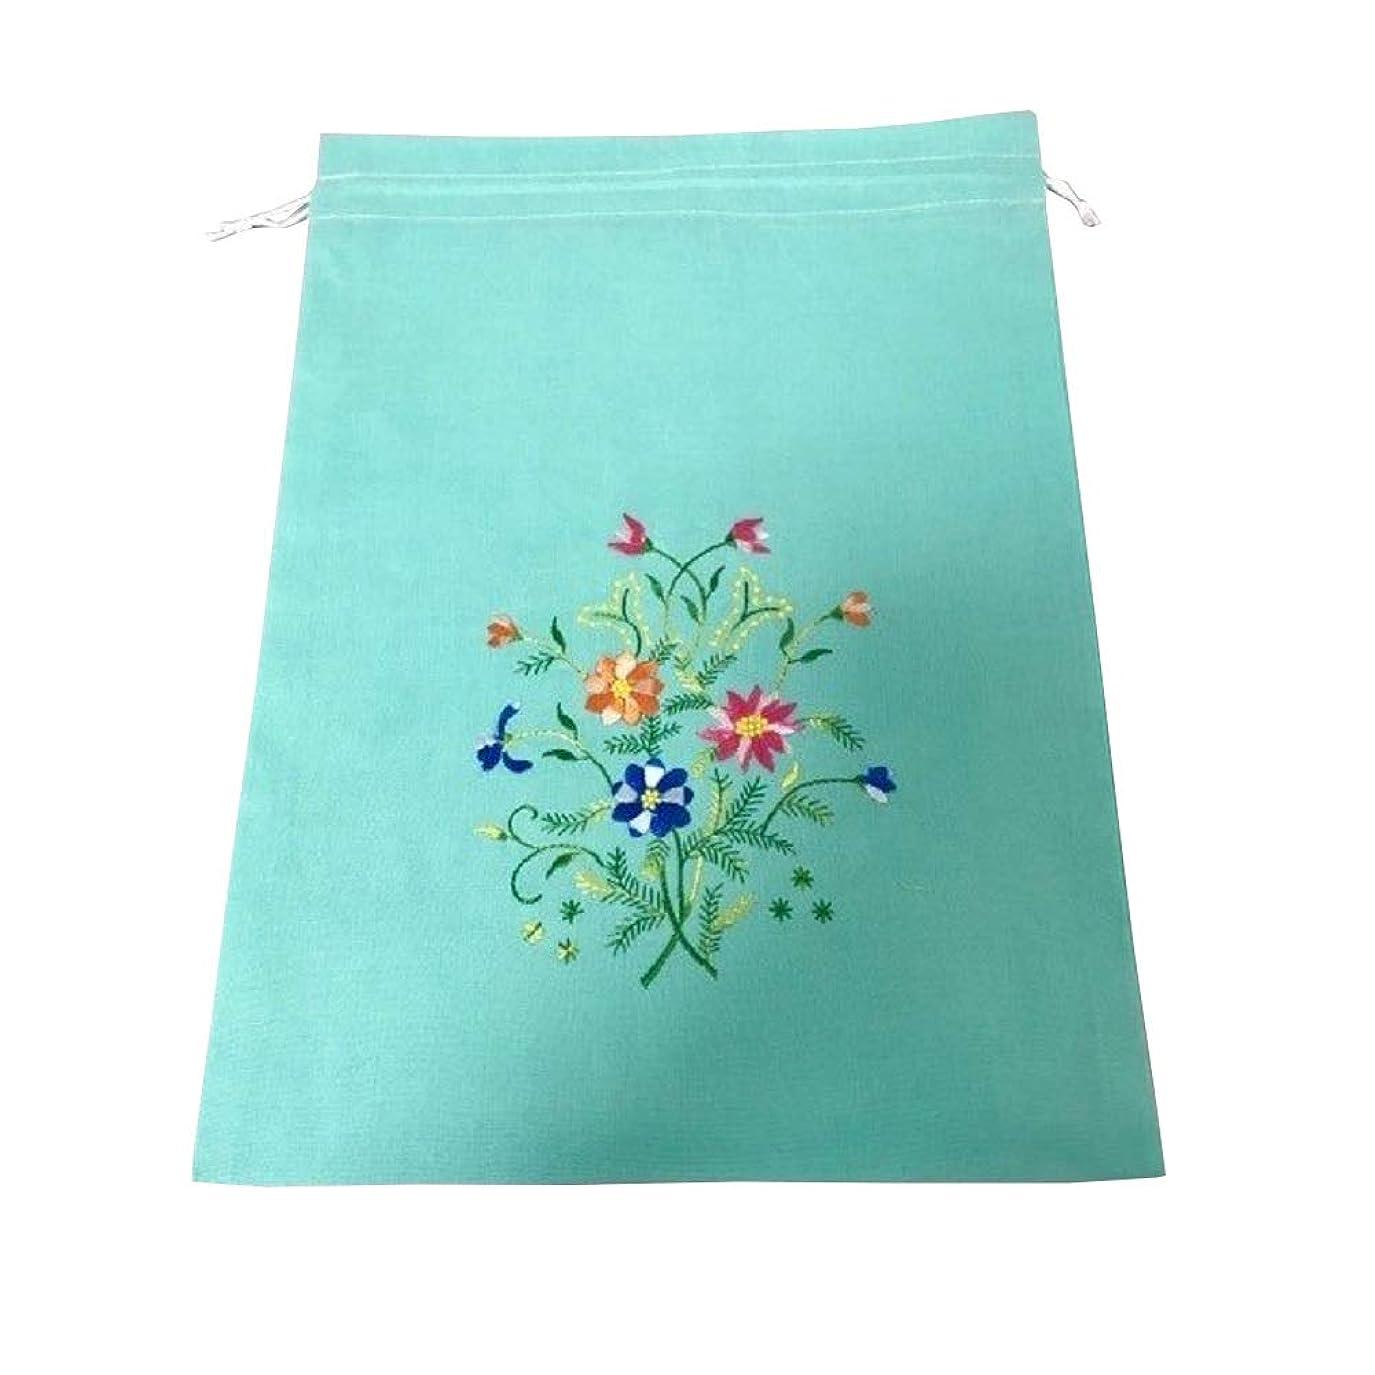 ボタン構成する慎重にベトナム 巾着 刺繍 コットン巾着 大サイズ ベトナム雑貨